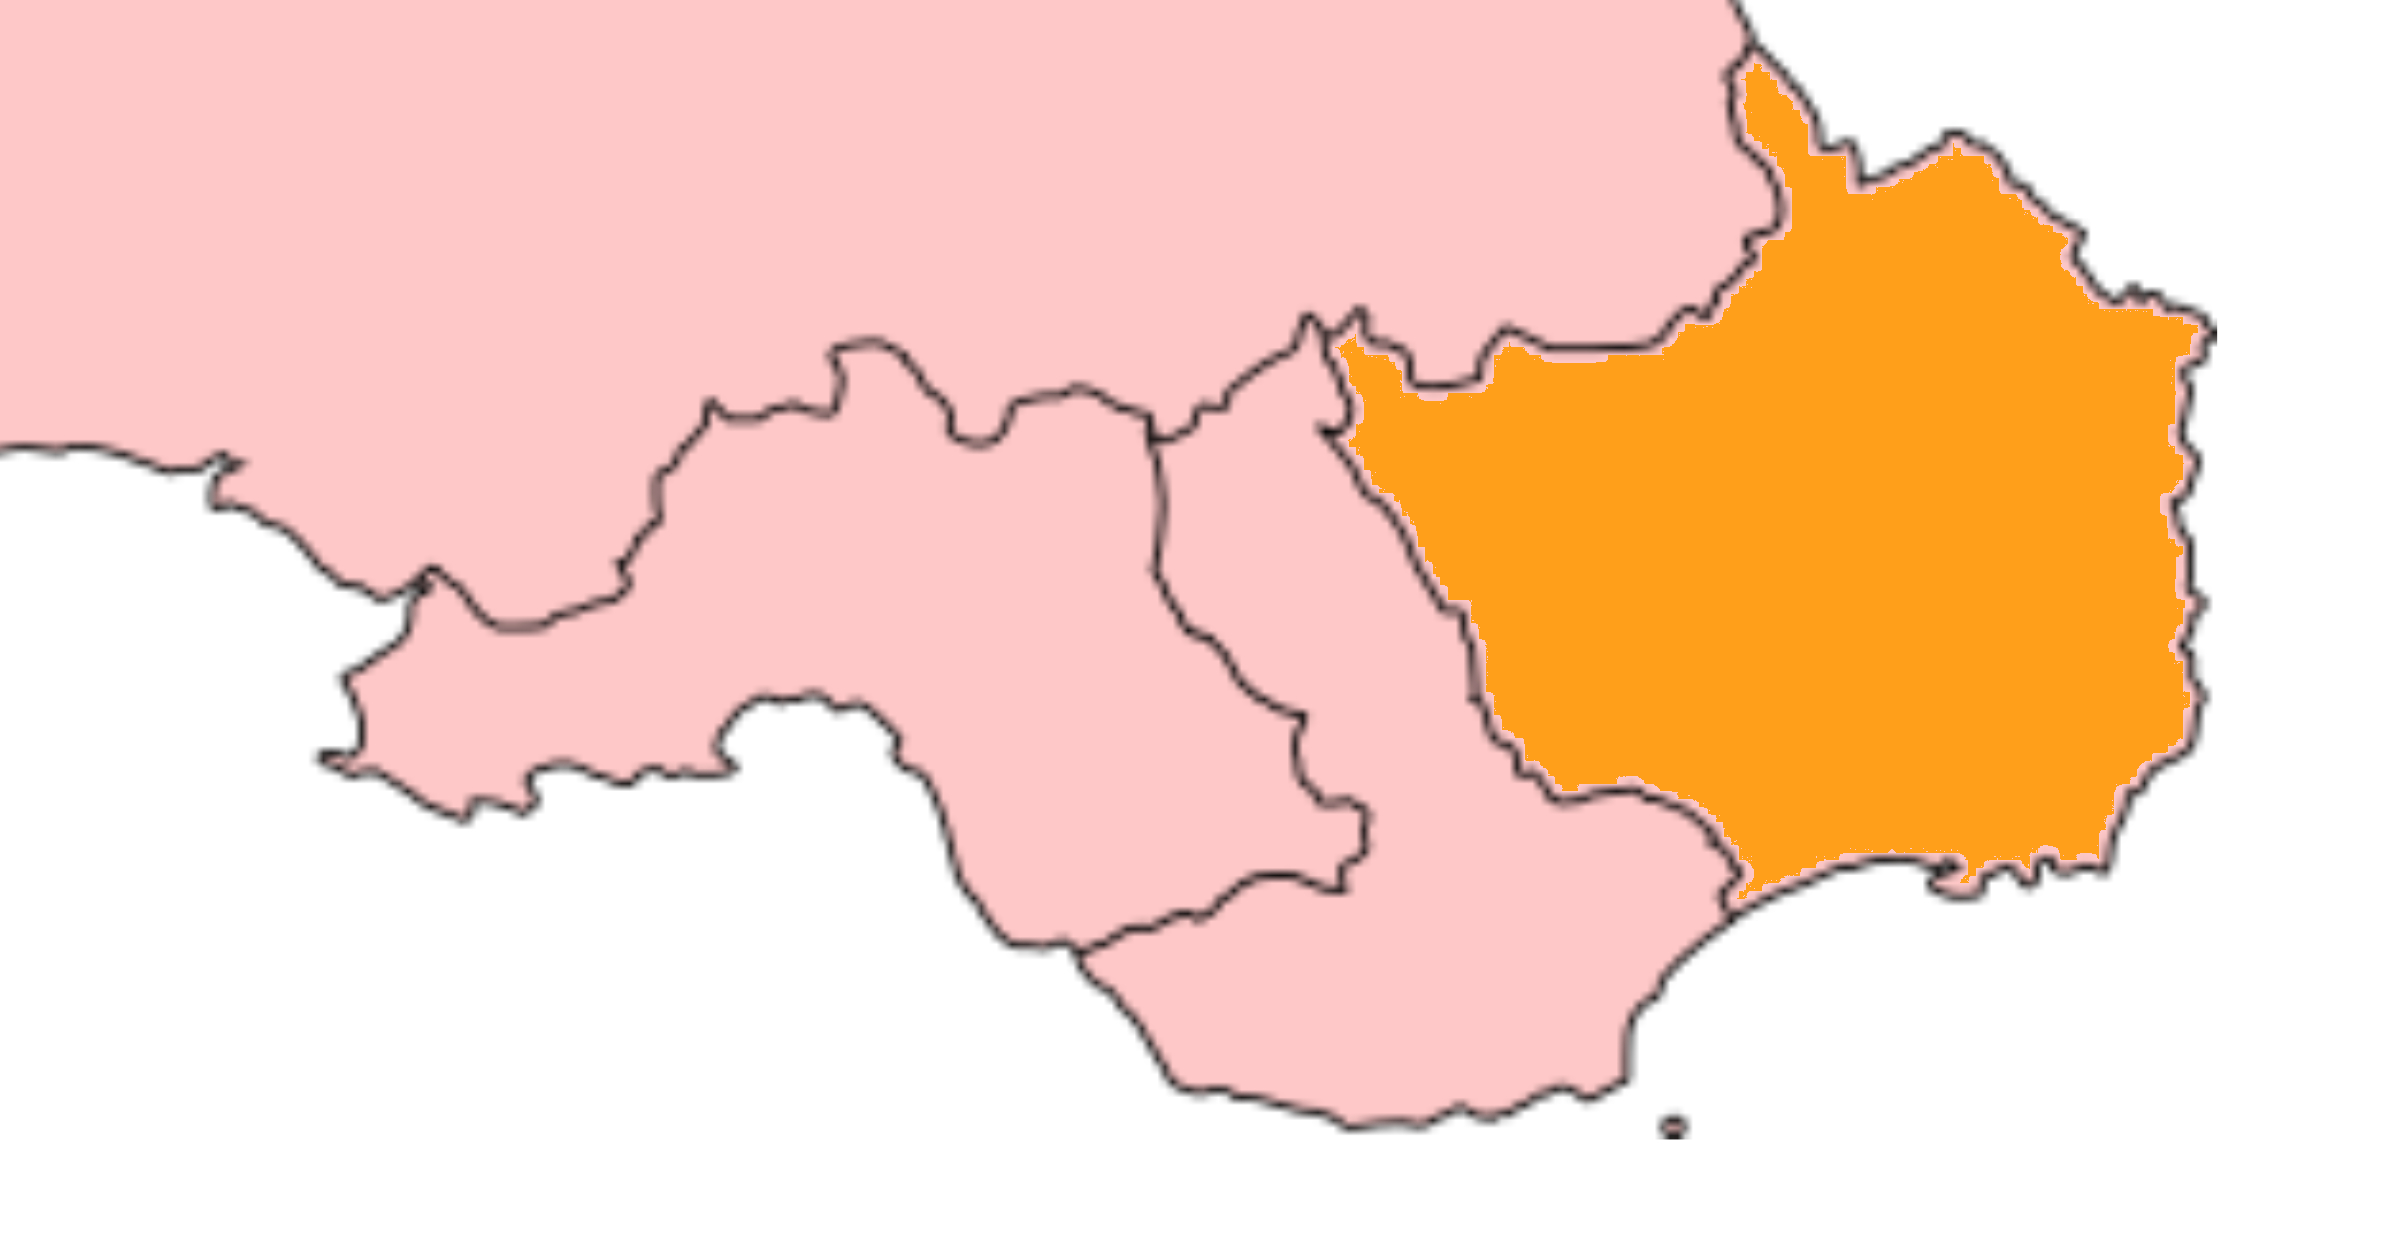 Dwyrain De Cymru